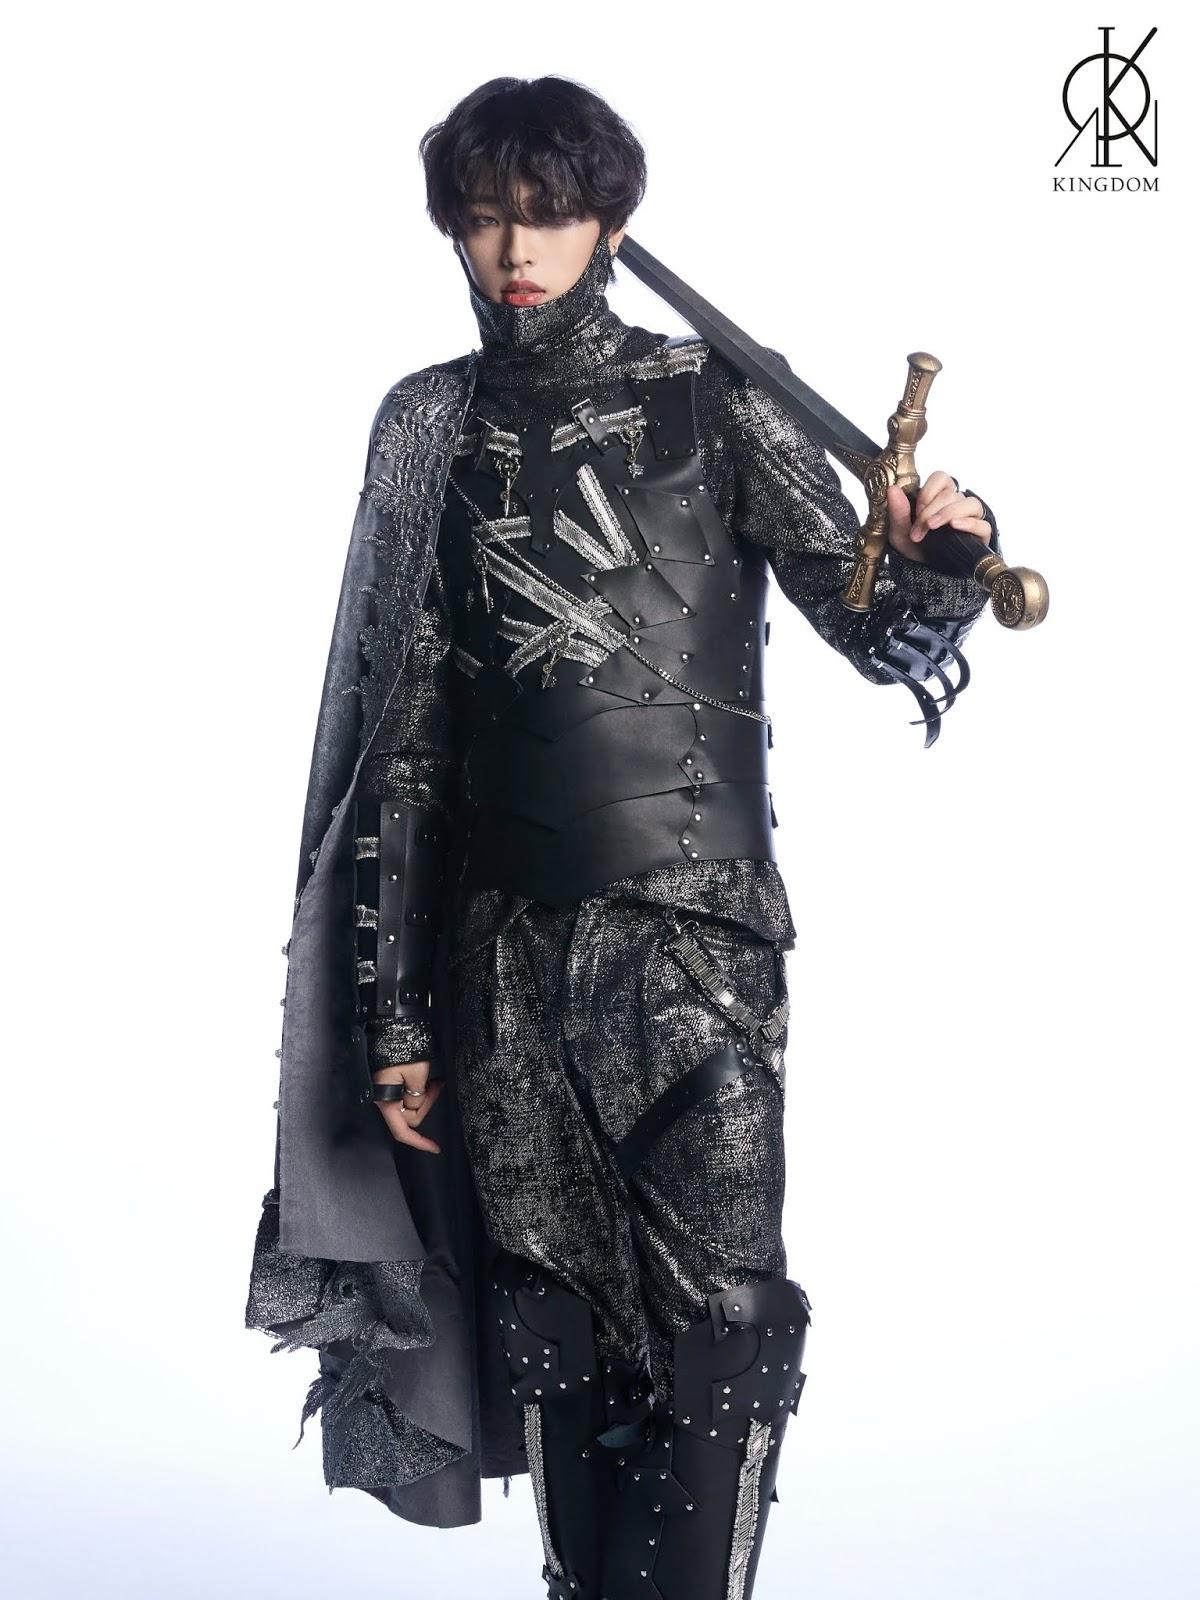 kingdom excalibur teaser chiwoo